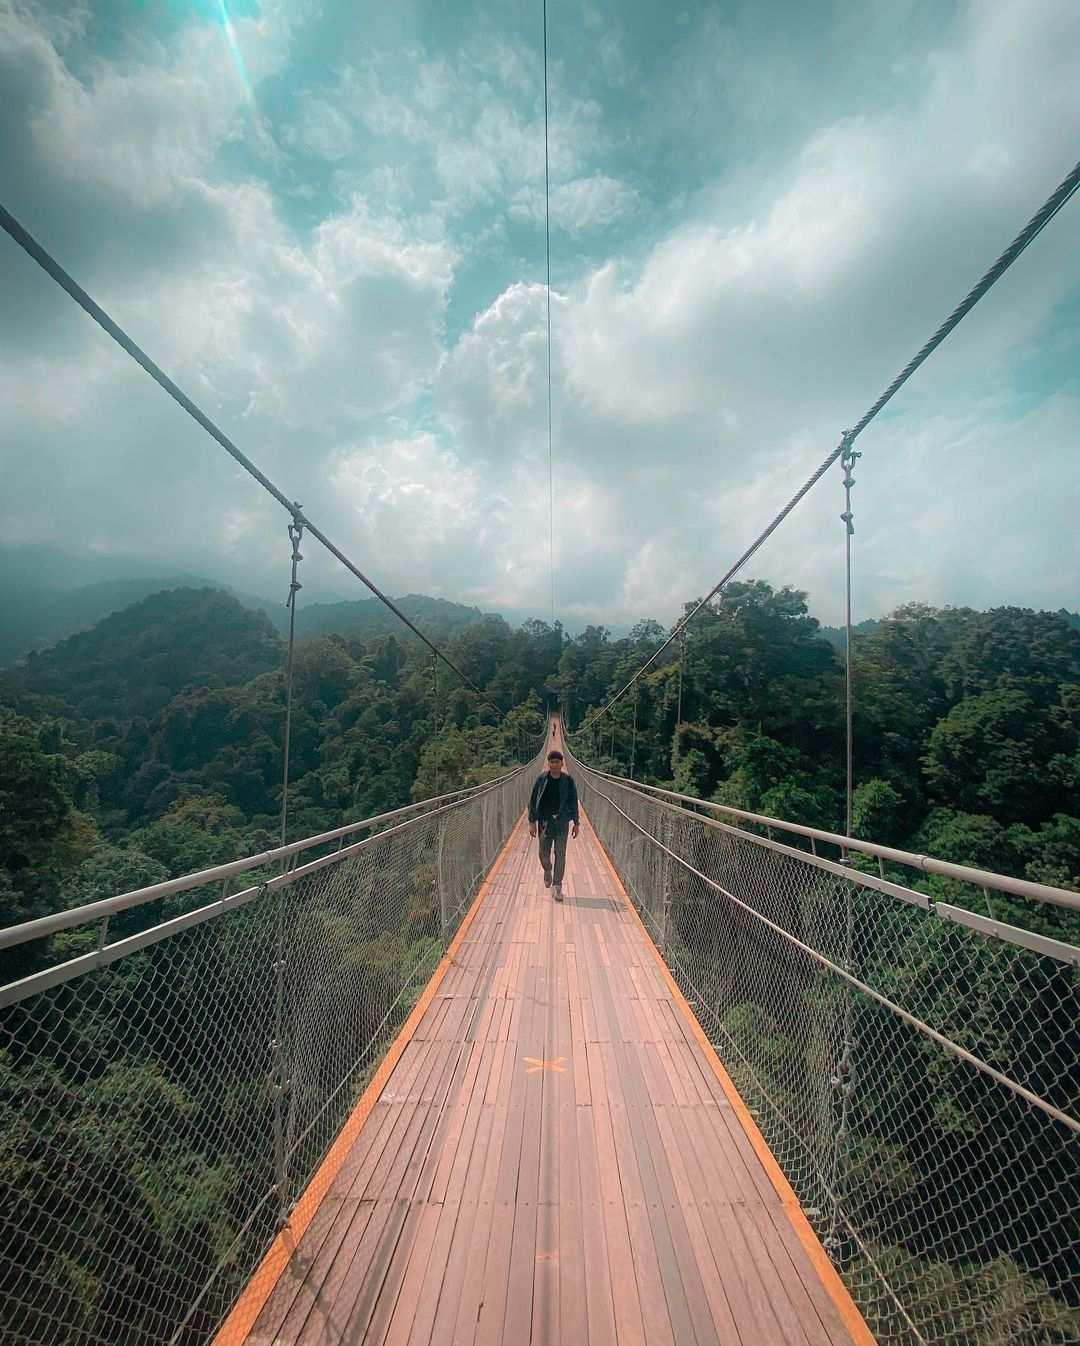 Berfoto di Situ Gunung Suspension Bridge Image From @christanta_